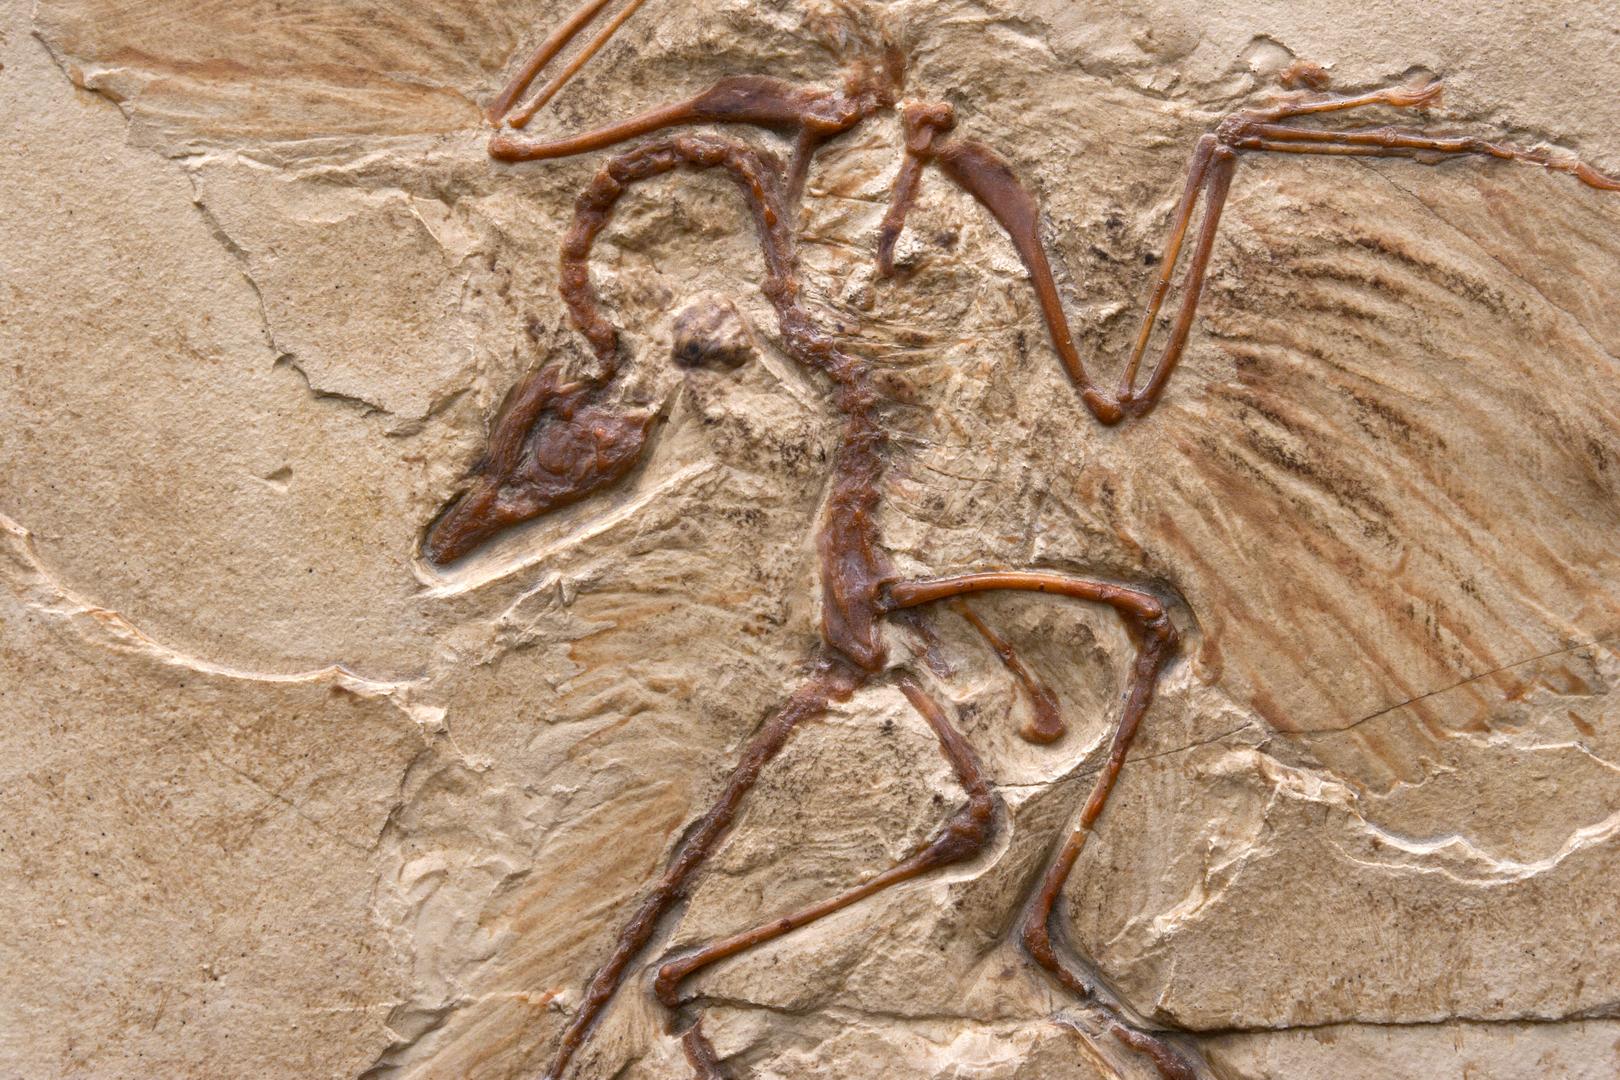 اكتشاف أنواع جديدة من الديناصورات ثنائية الأصابع بلا أسنان تشبه ببغاء عملاقا